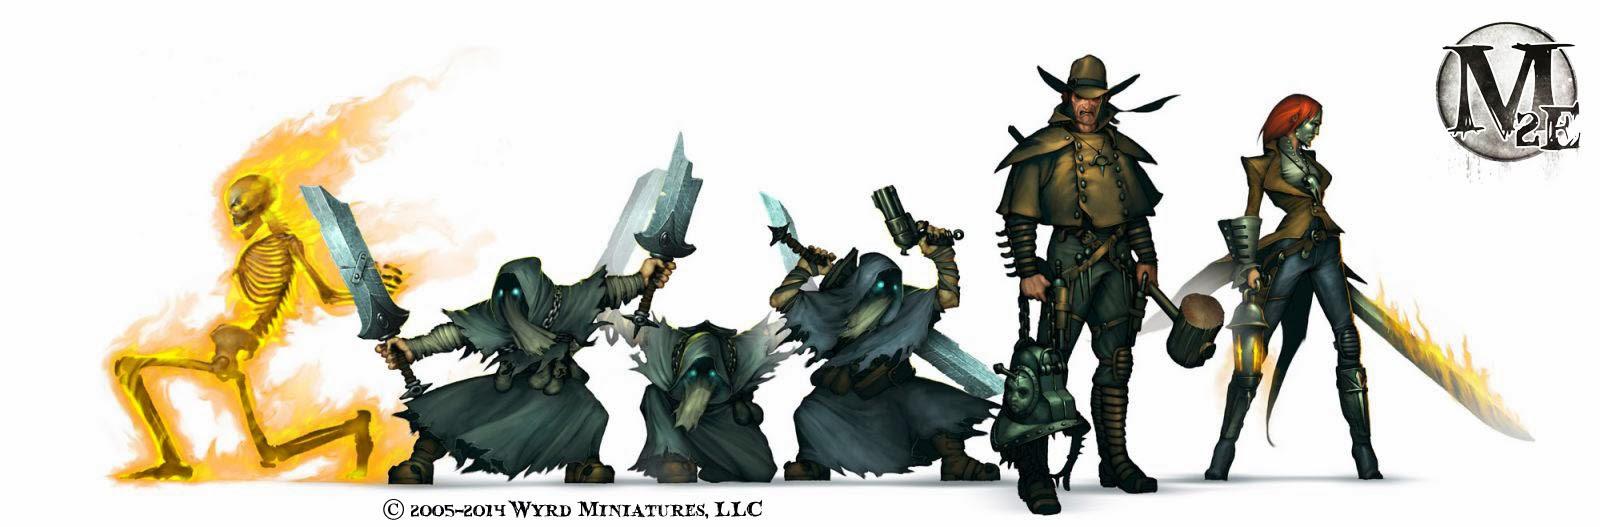 Malifaux+M2E+-+Witch+Hunters.jpg